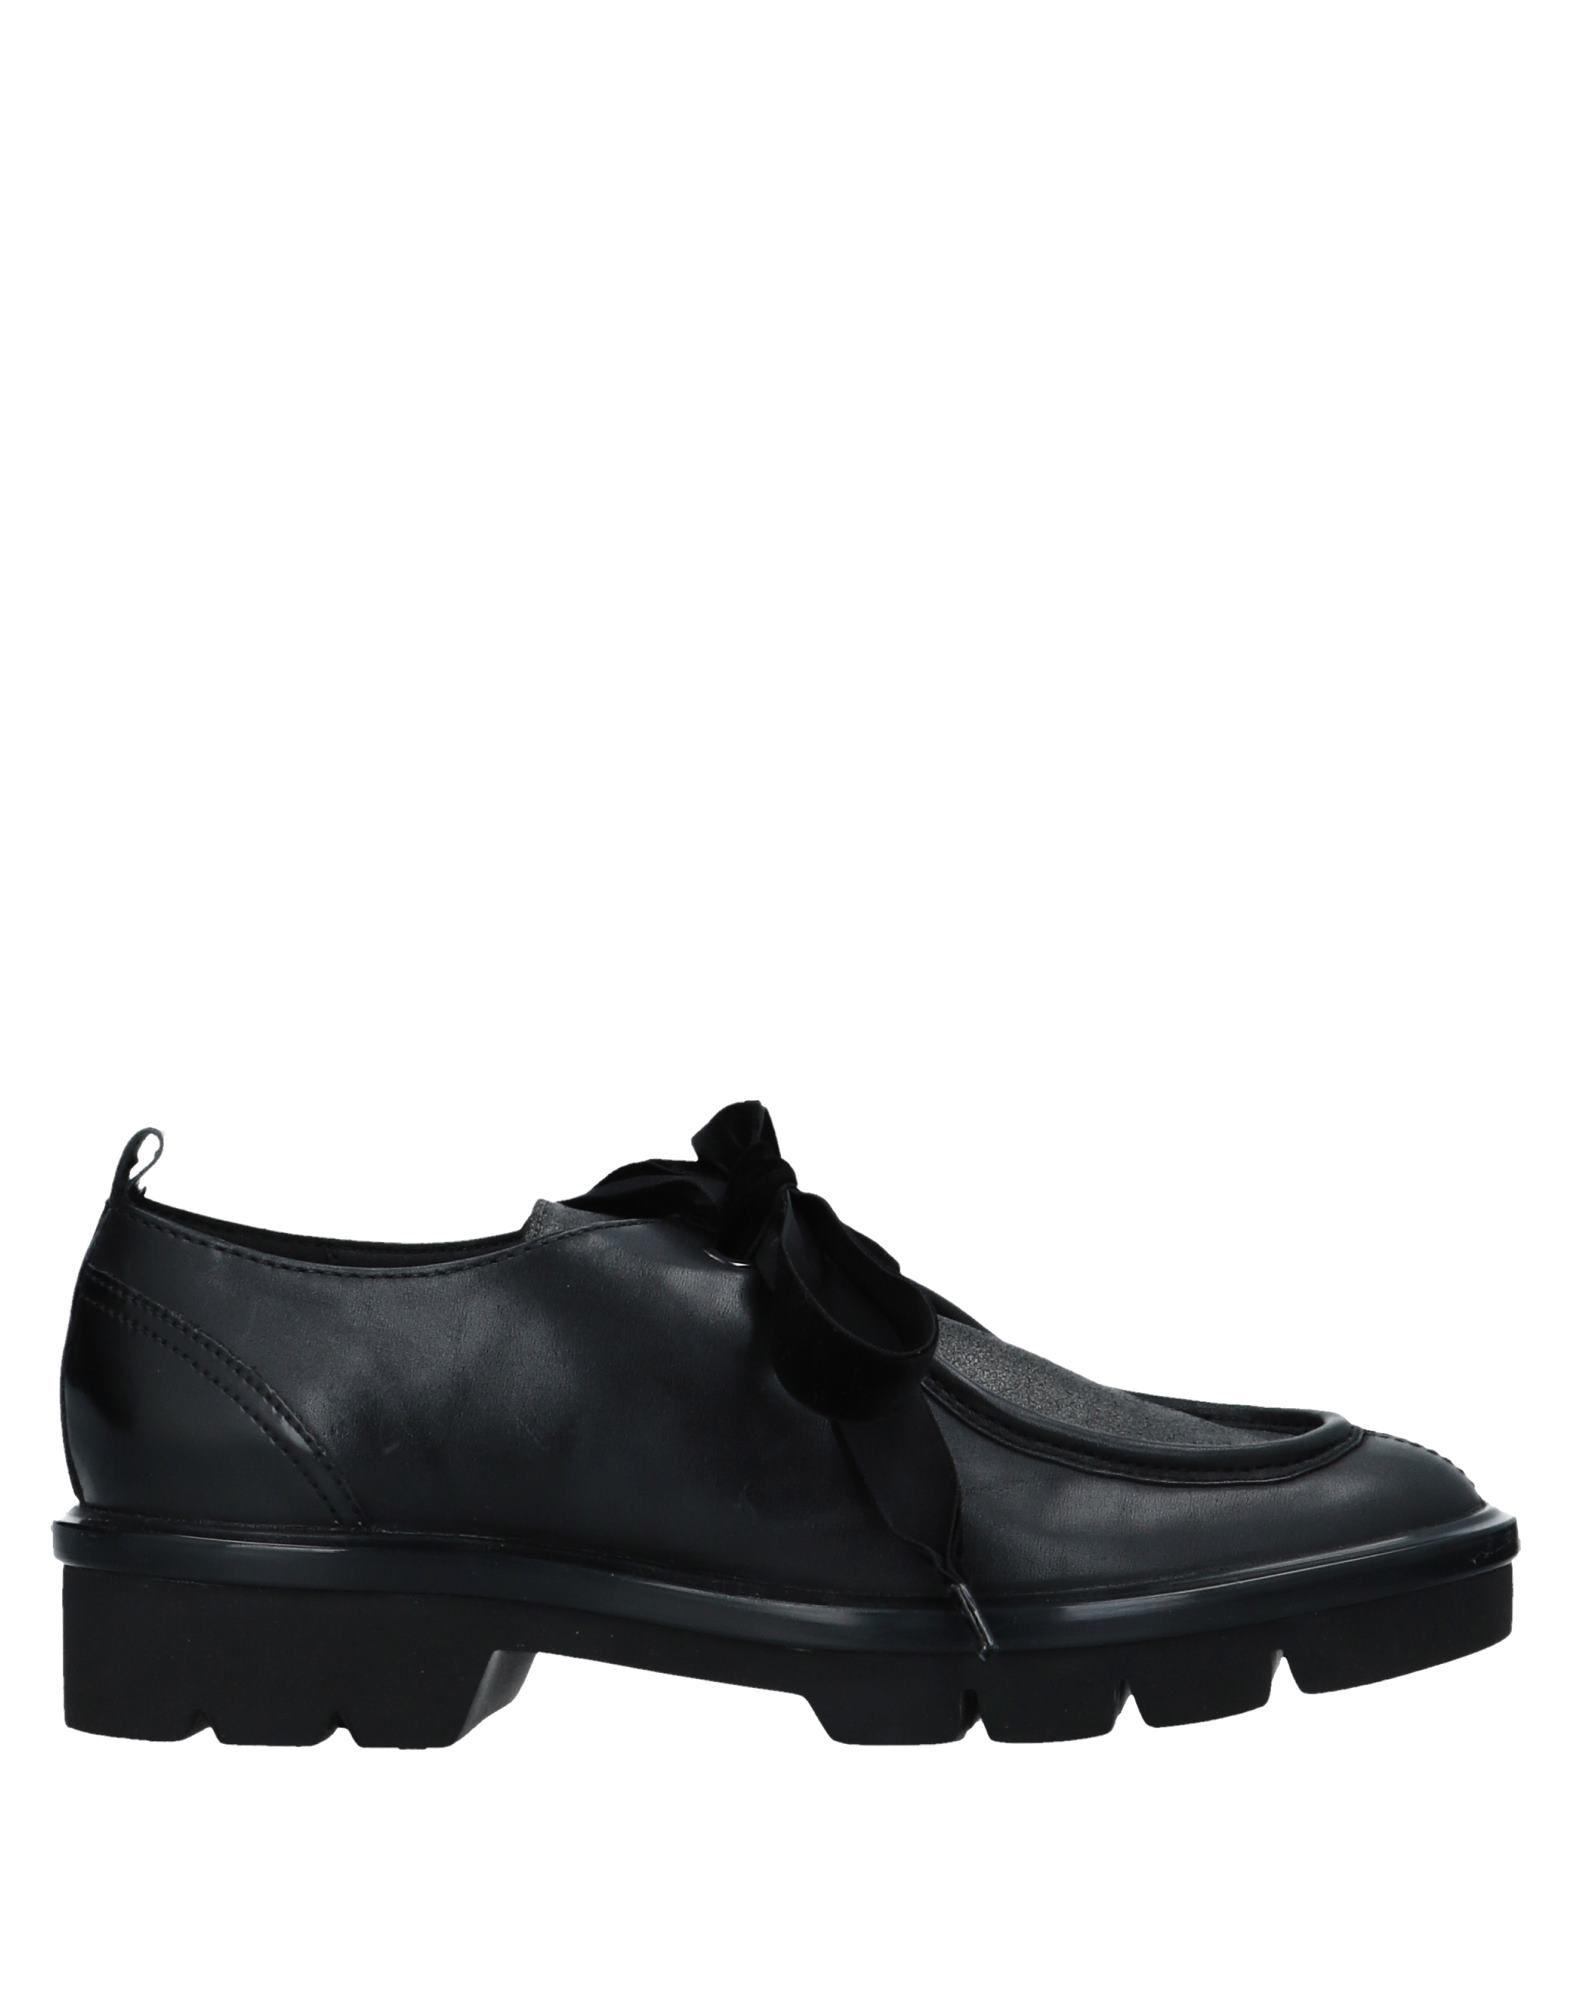 Geox Schnürschuhe Damen  11540443EX Gute Qualität beliebte Schuhe